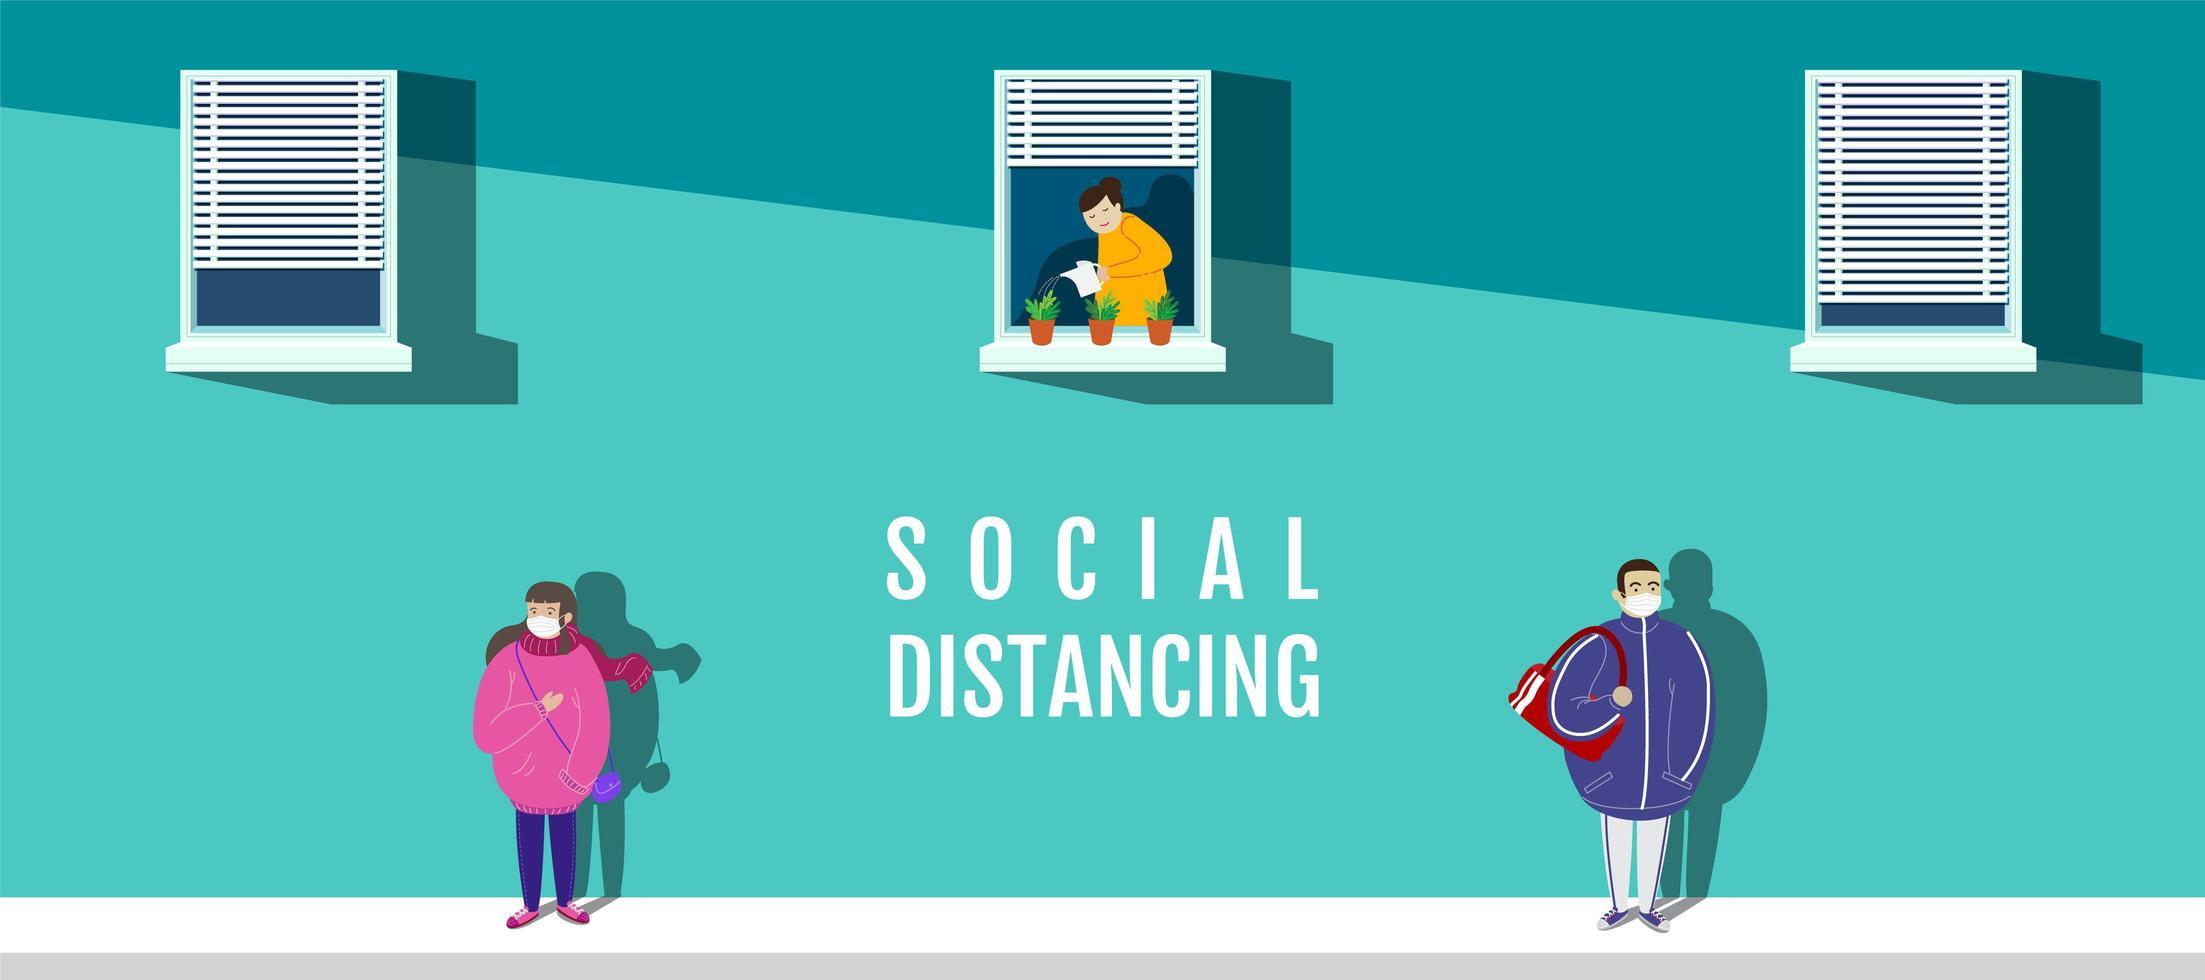 affisch med karaktärer i masker social distancing vektor